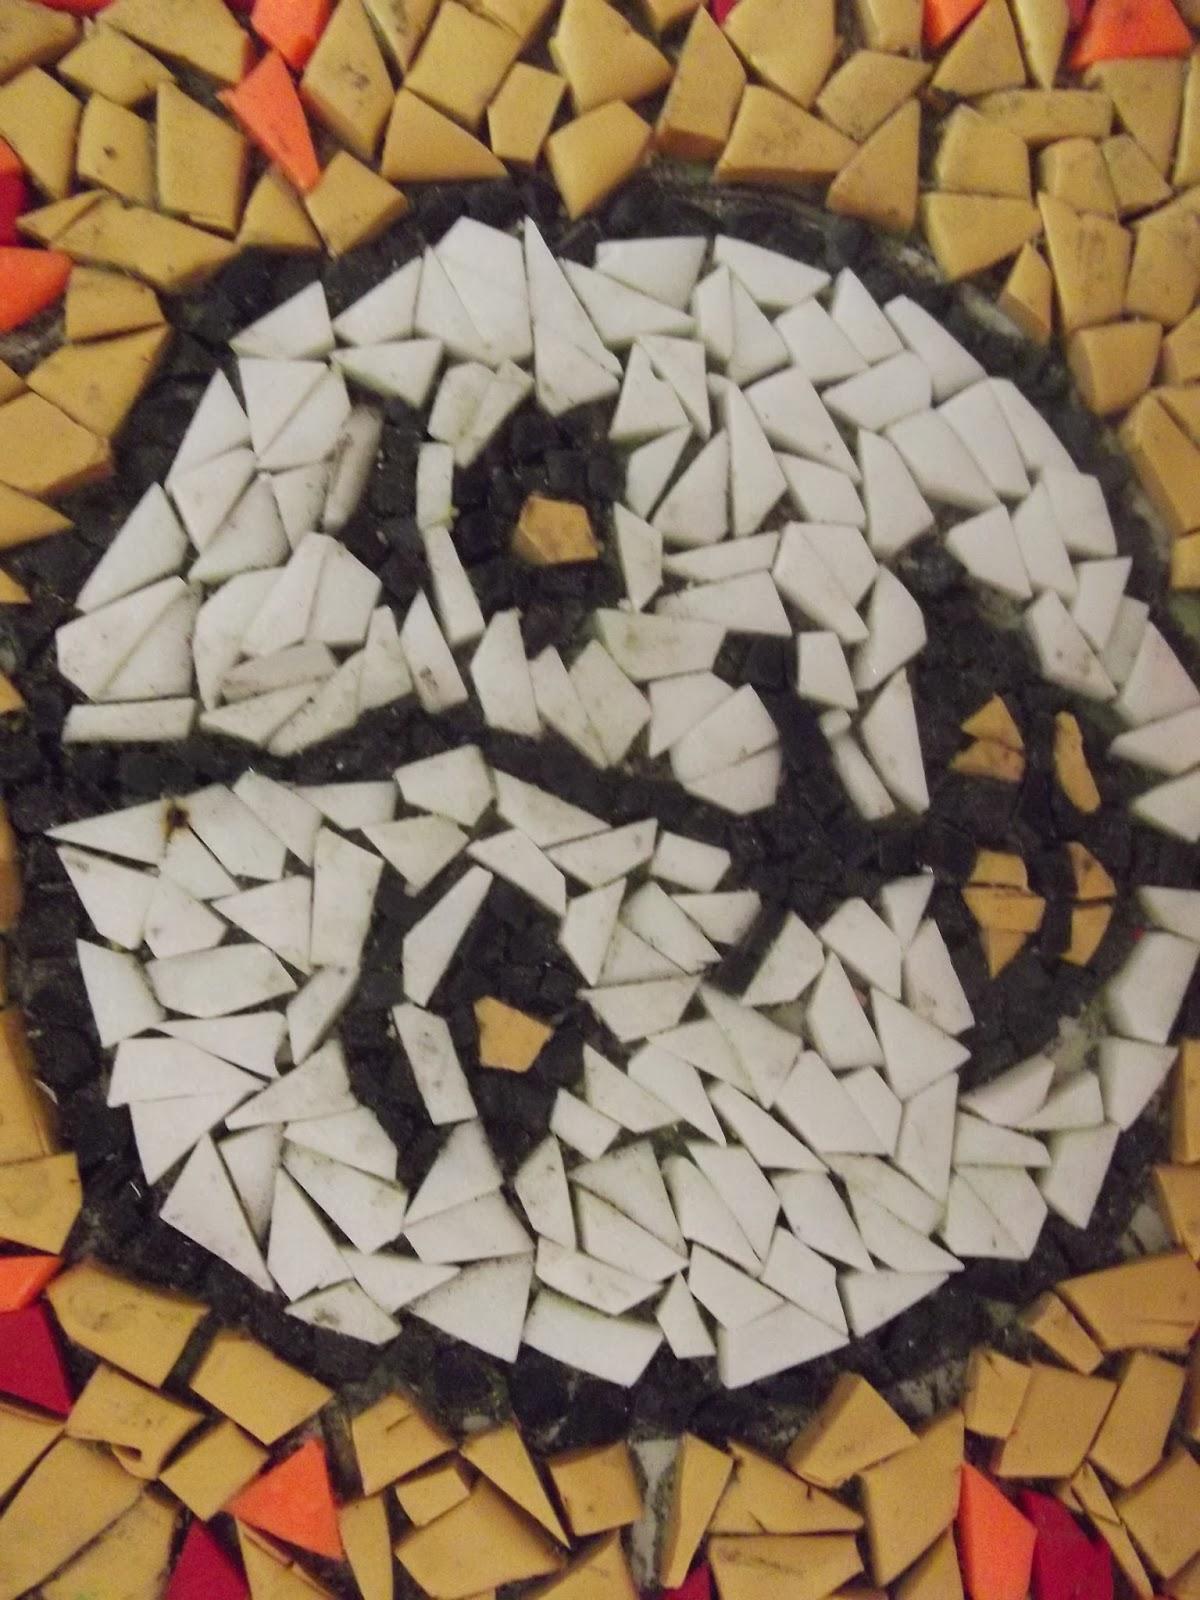 Cocugumla Eglenirken Kartondan Mozaik Calismasi